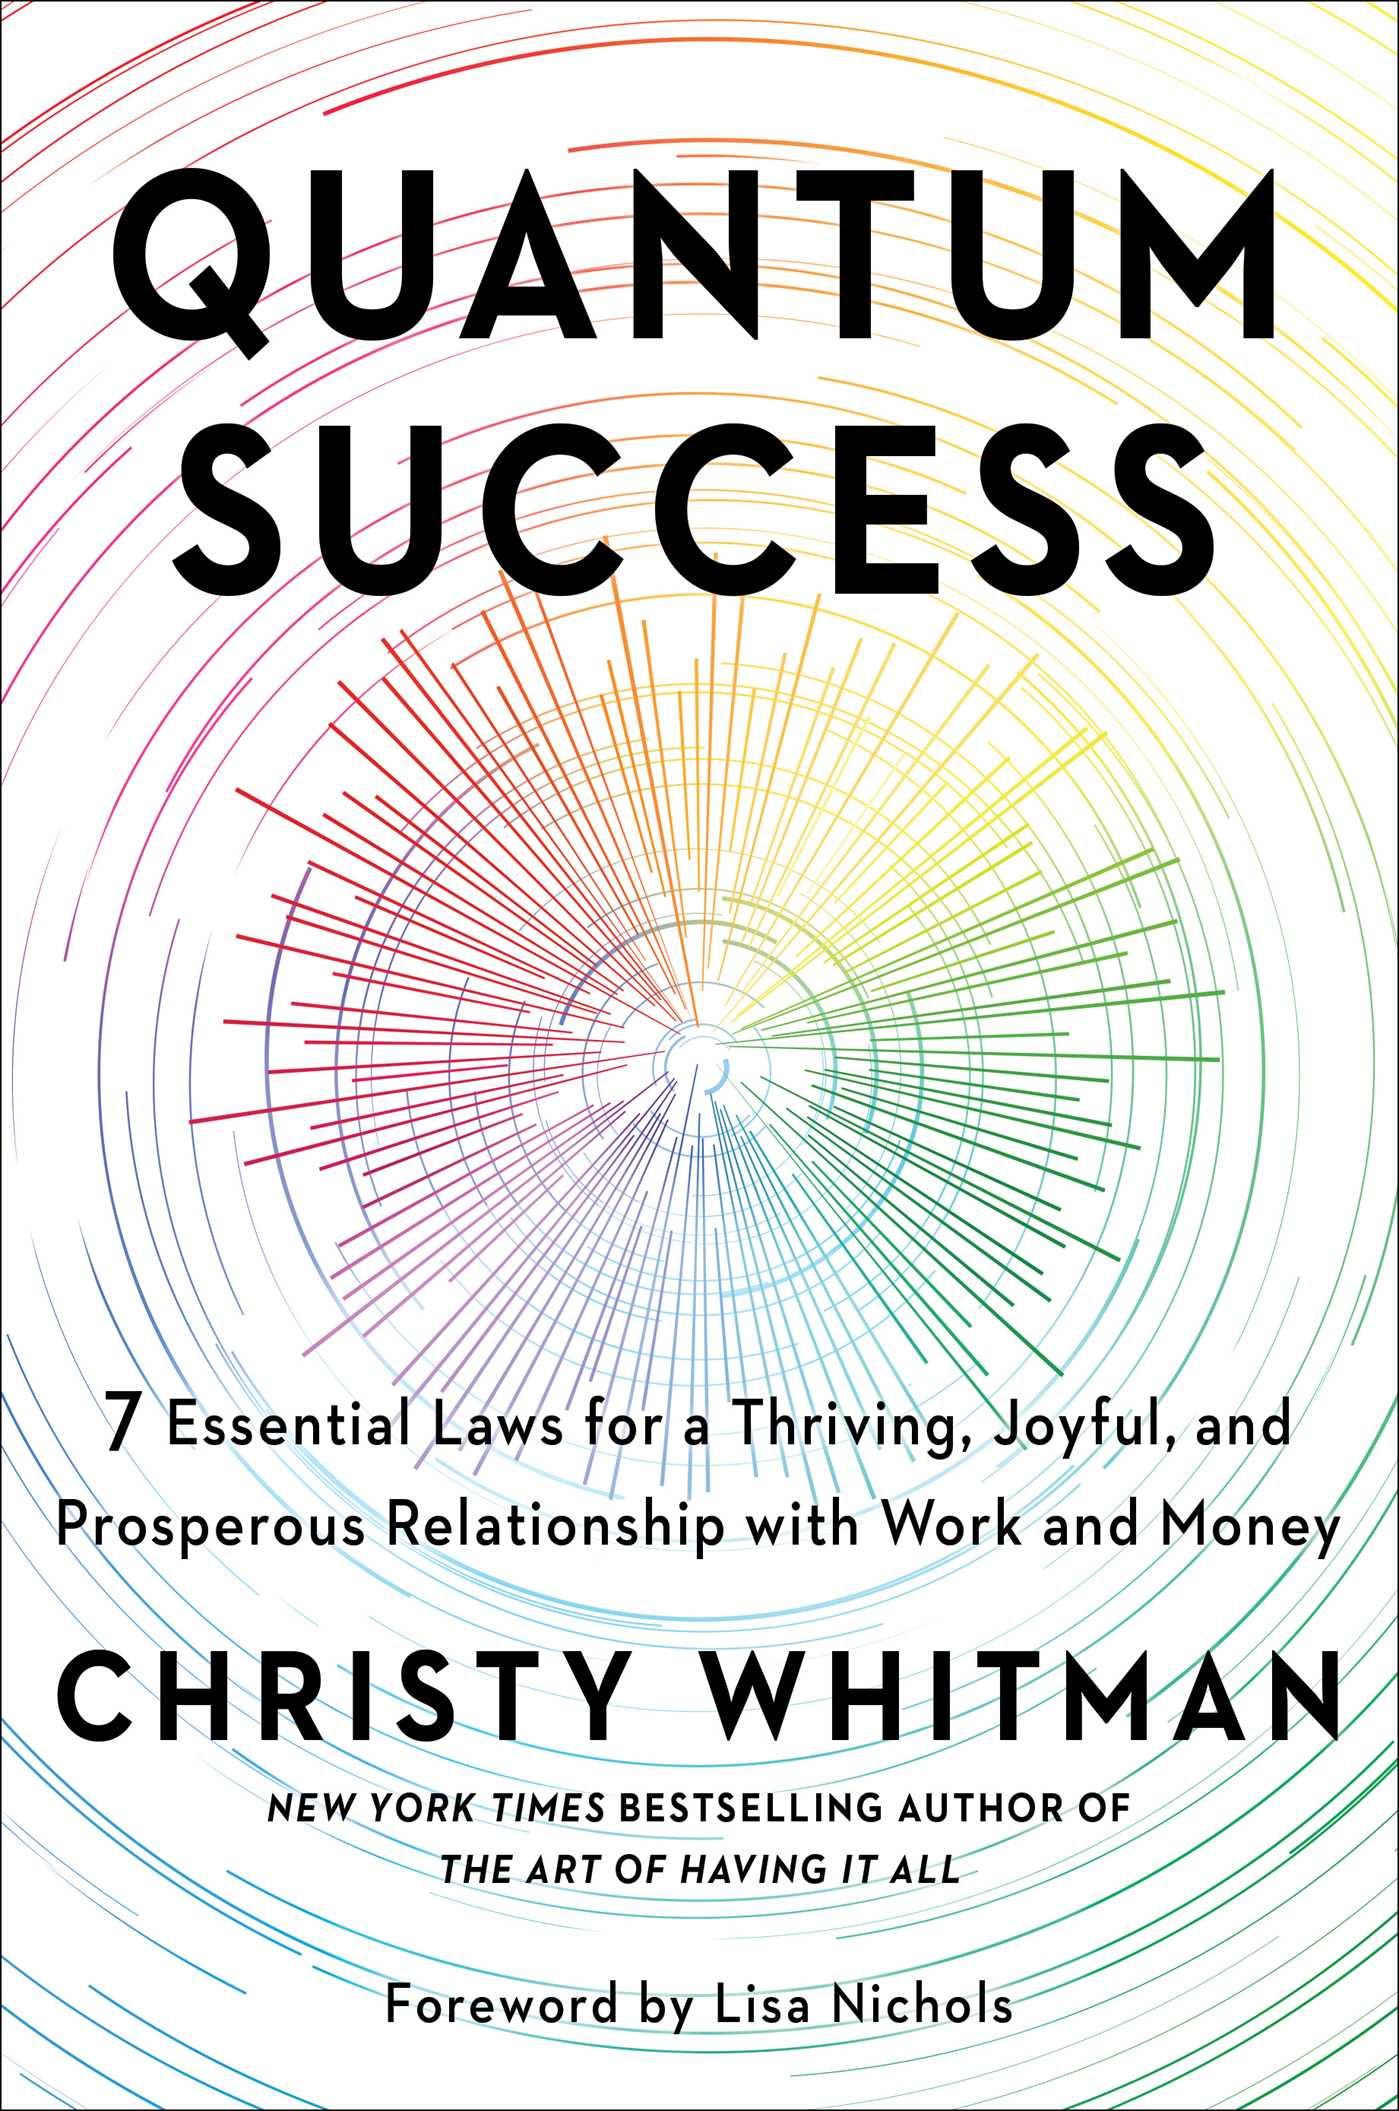 Quantum success 9781501179006 hr